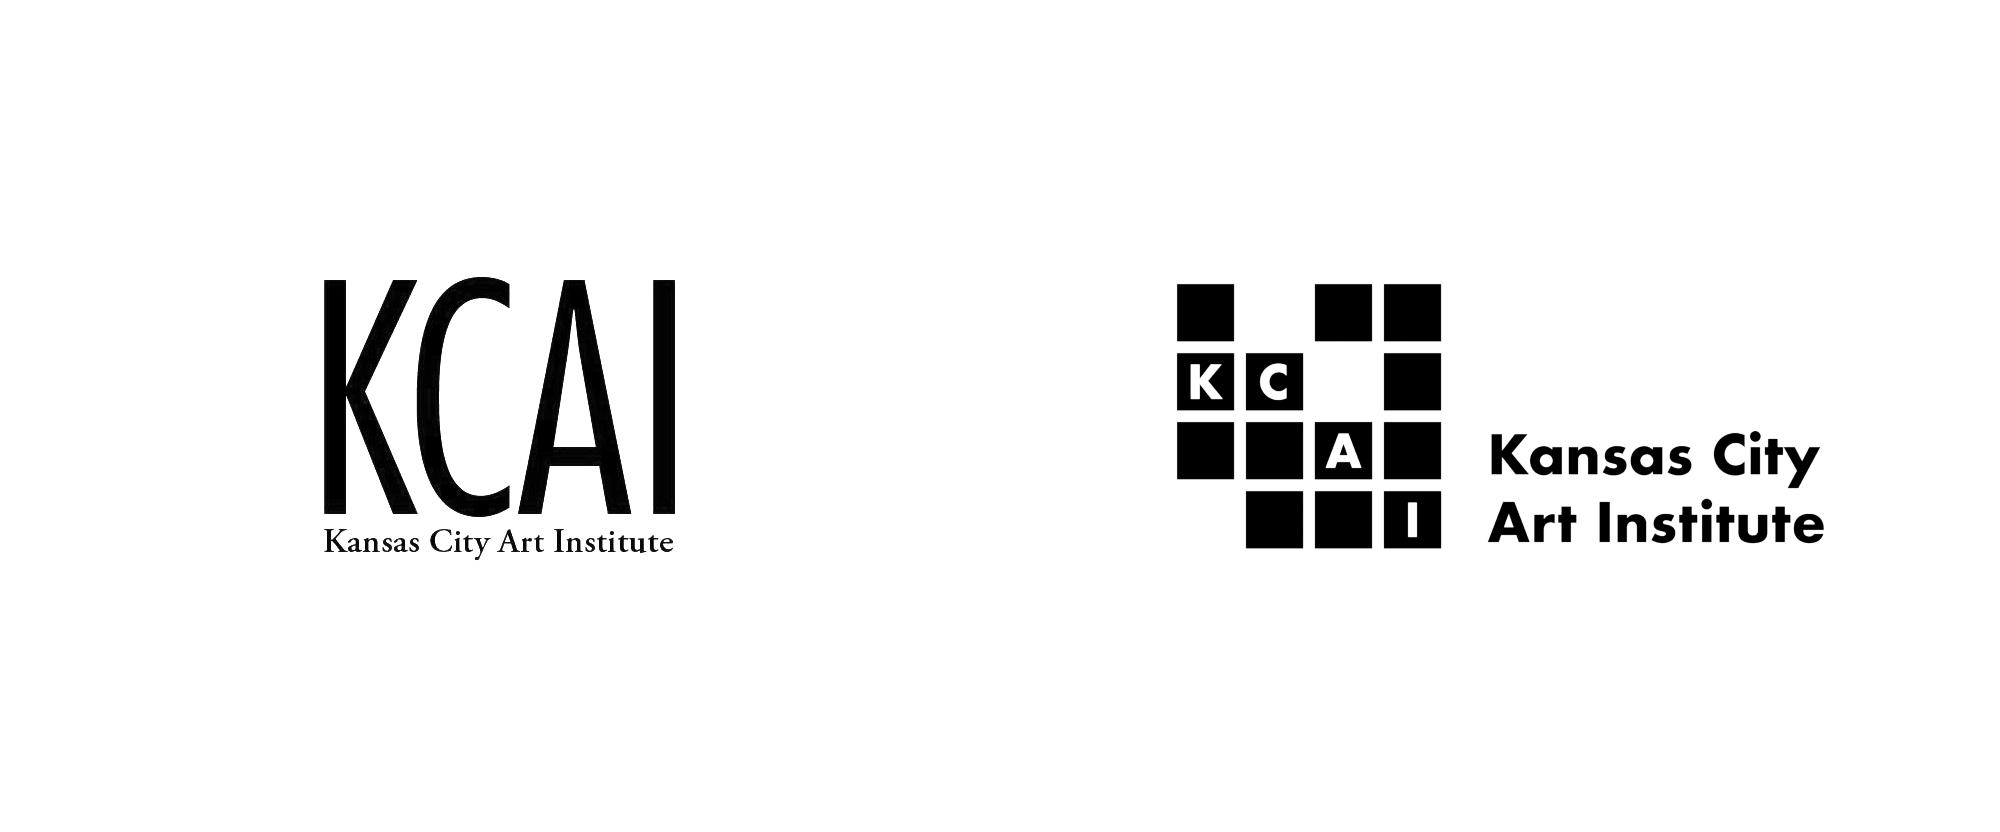 New Logo for Kansas City Art Institute by DMH